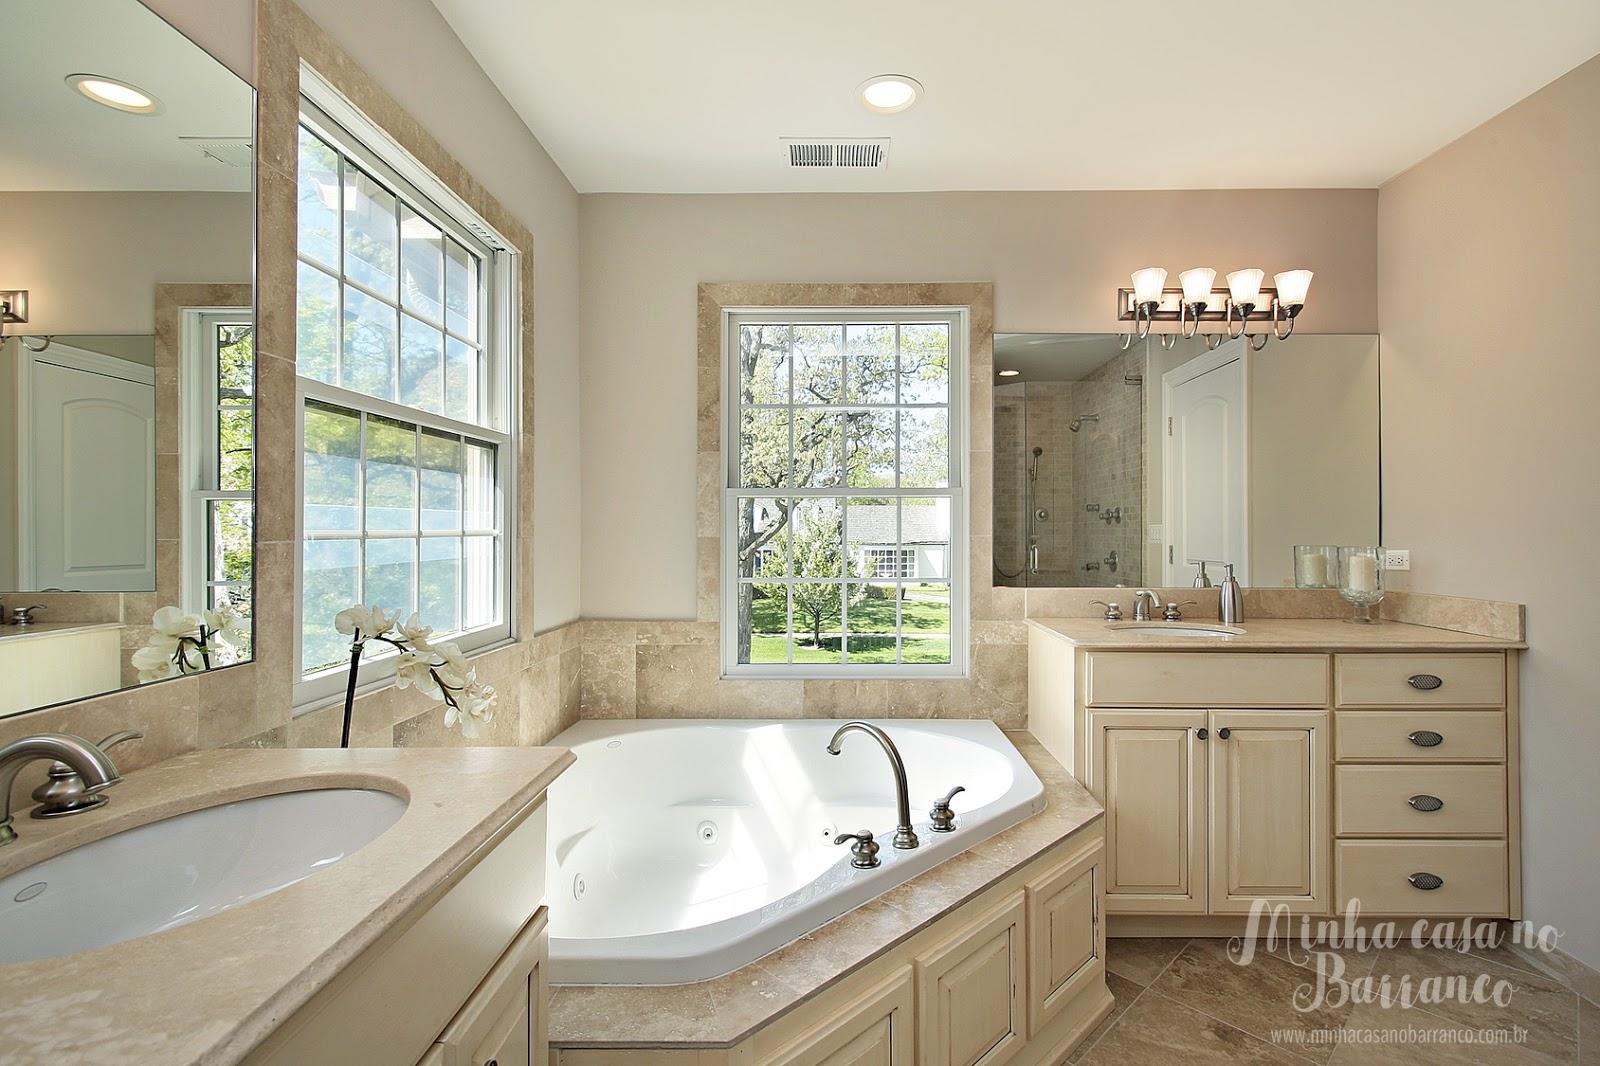 Barranco: Banheiros com Banheiras de Canto 30 ideias para inspirar #604D38 1600x1066 Acabamento De Banheiro Rustico